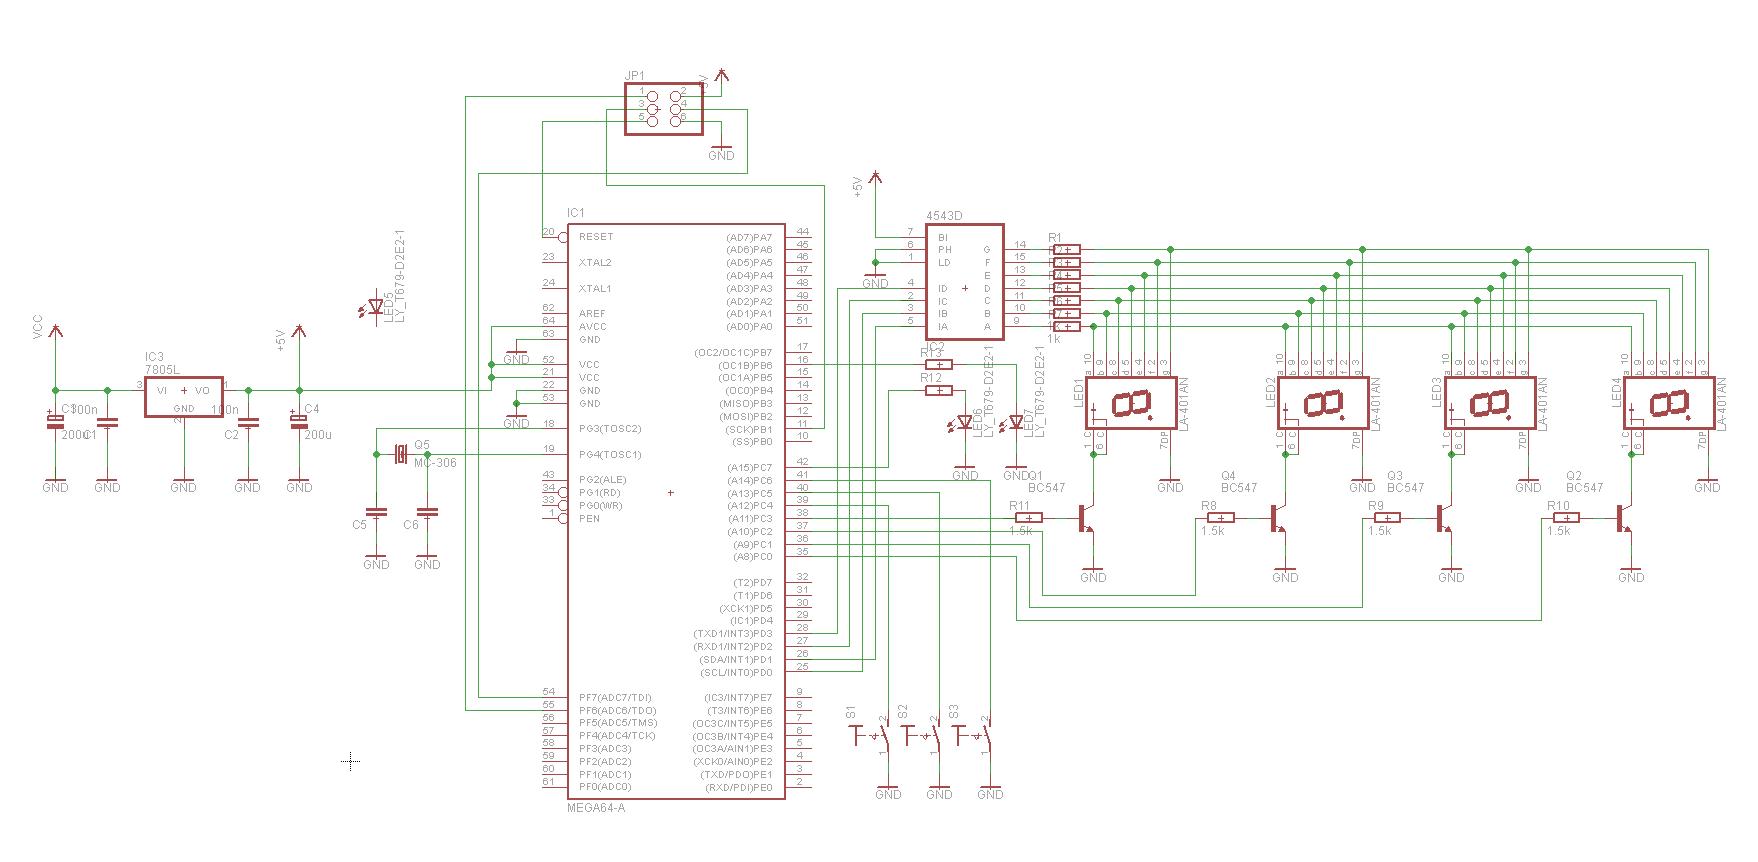 Wunderbar Dunkler Detektor Schaltplan Fotos - Der Schaltplan ...